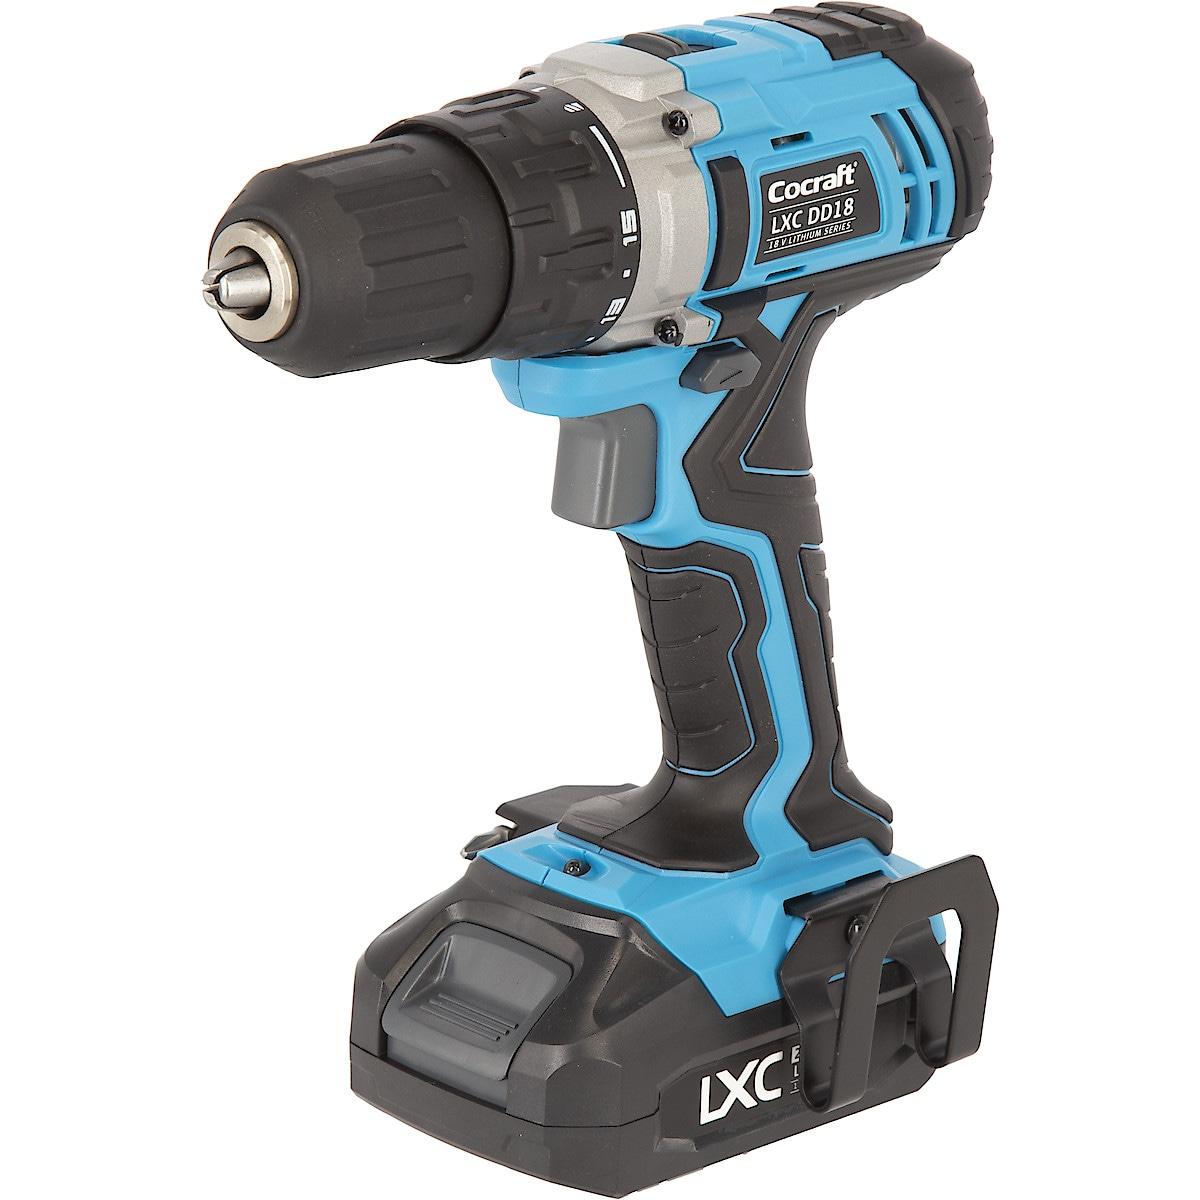 Cocraft LXC DD18 drill